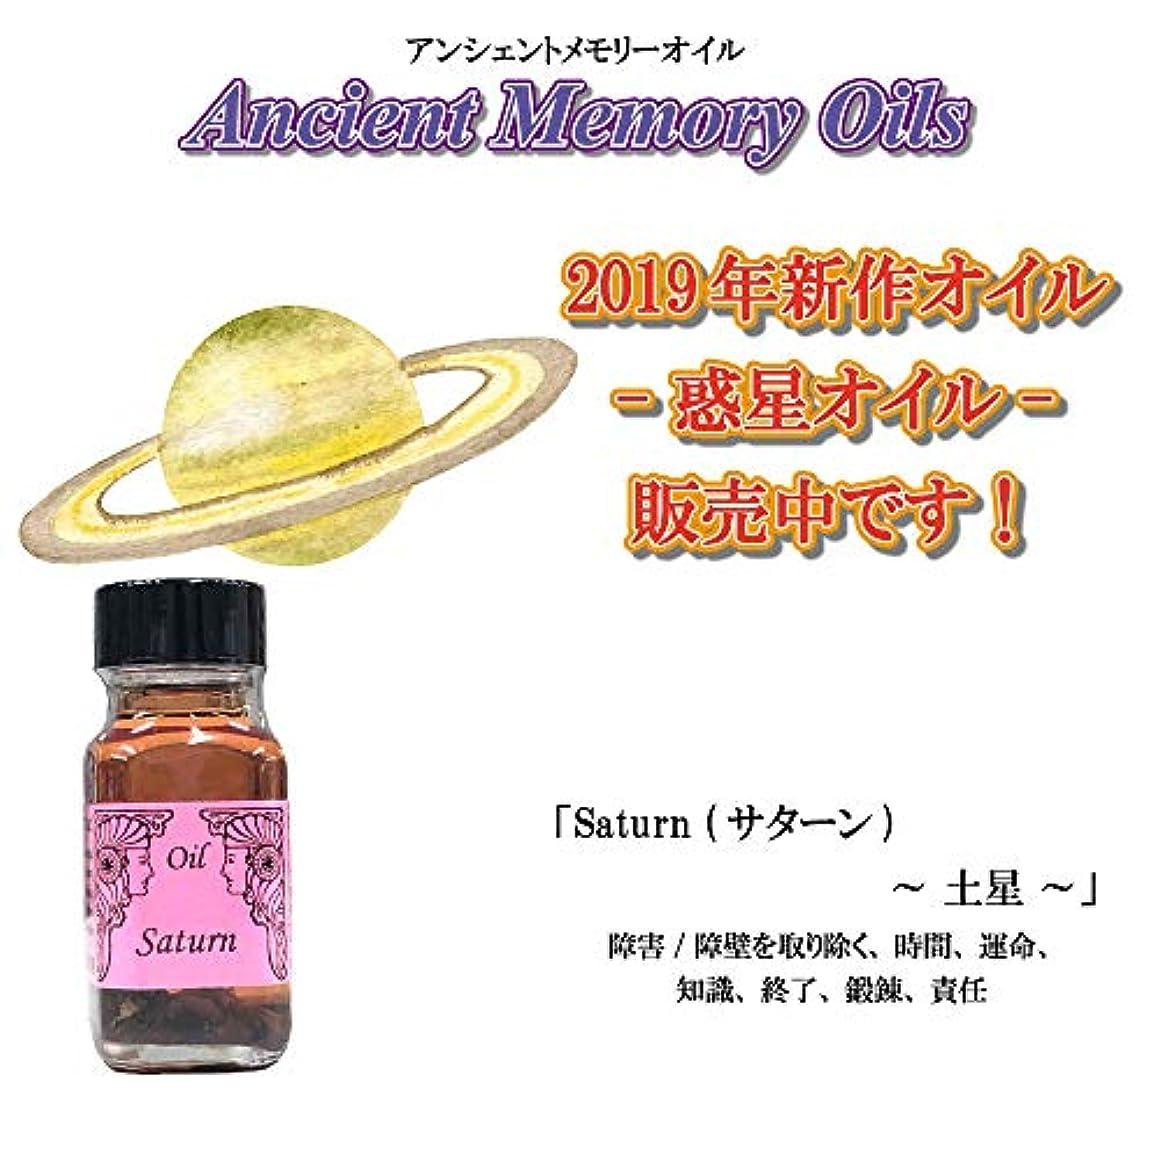 放課後力強盗SEDONA Ancient Memory Oils セドナ アンシェントメモリーオイル 惑星オイル Saturn 土星 サターン 15ml